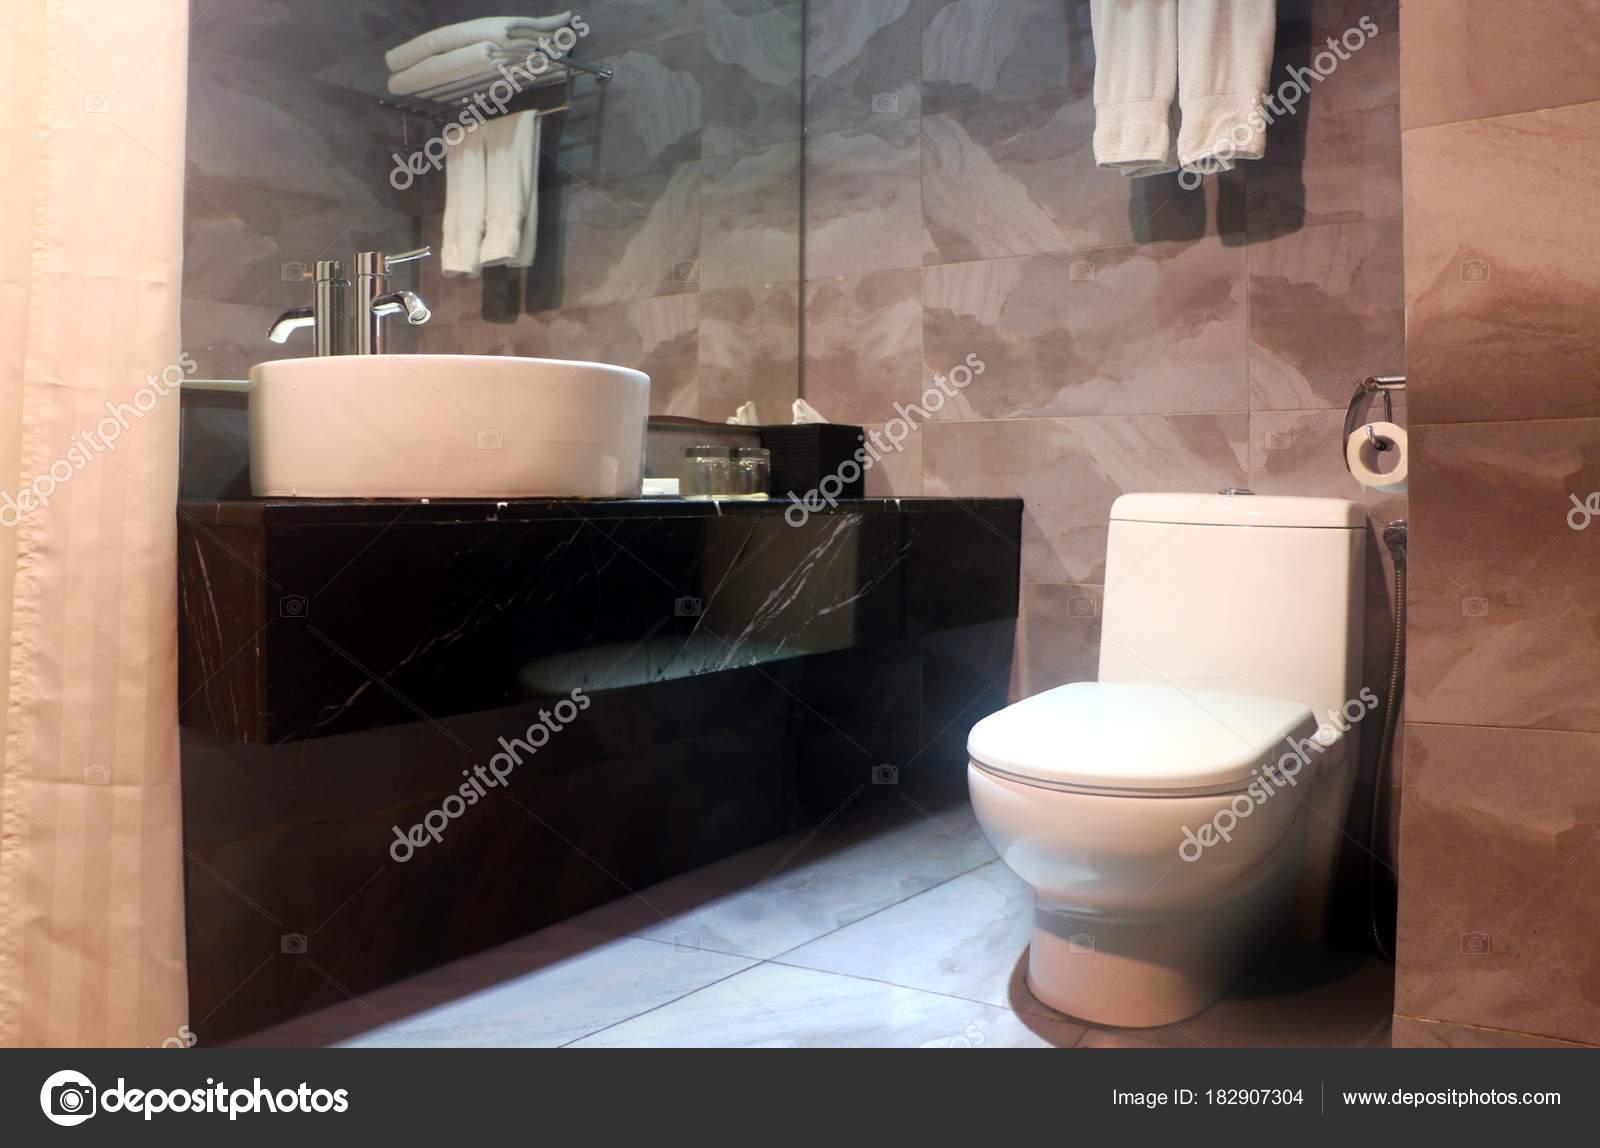 Toilette Da Bagno : Interiore della stanza bagno con ciotola toilette specchio vanità